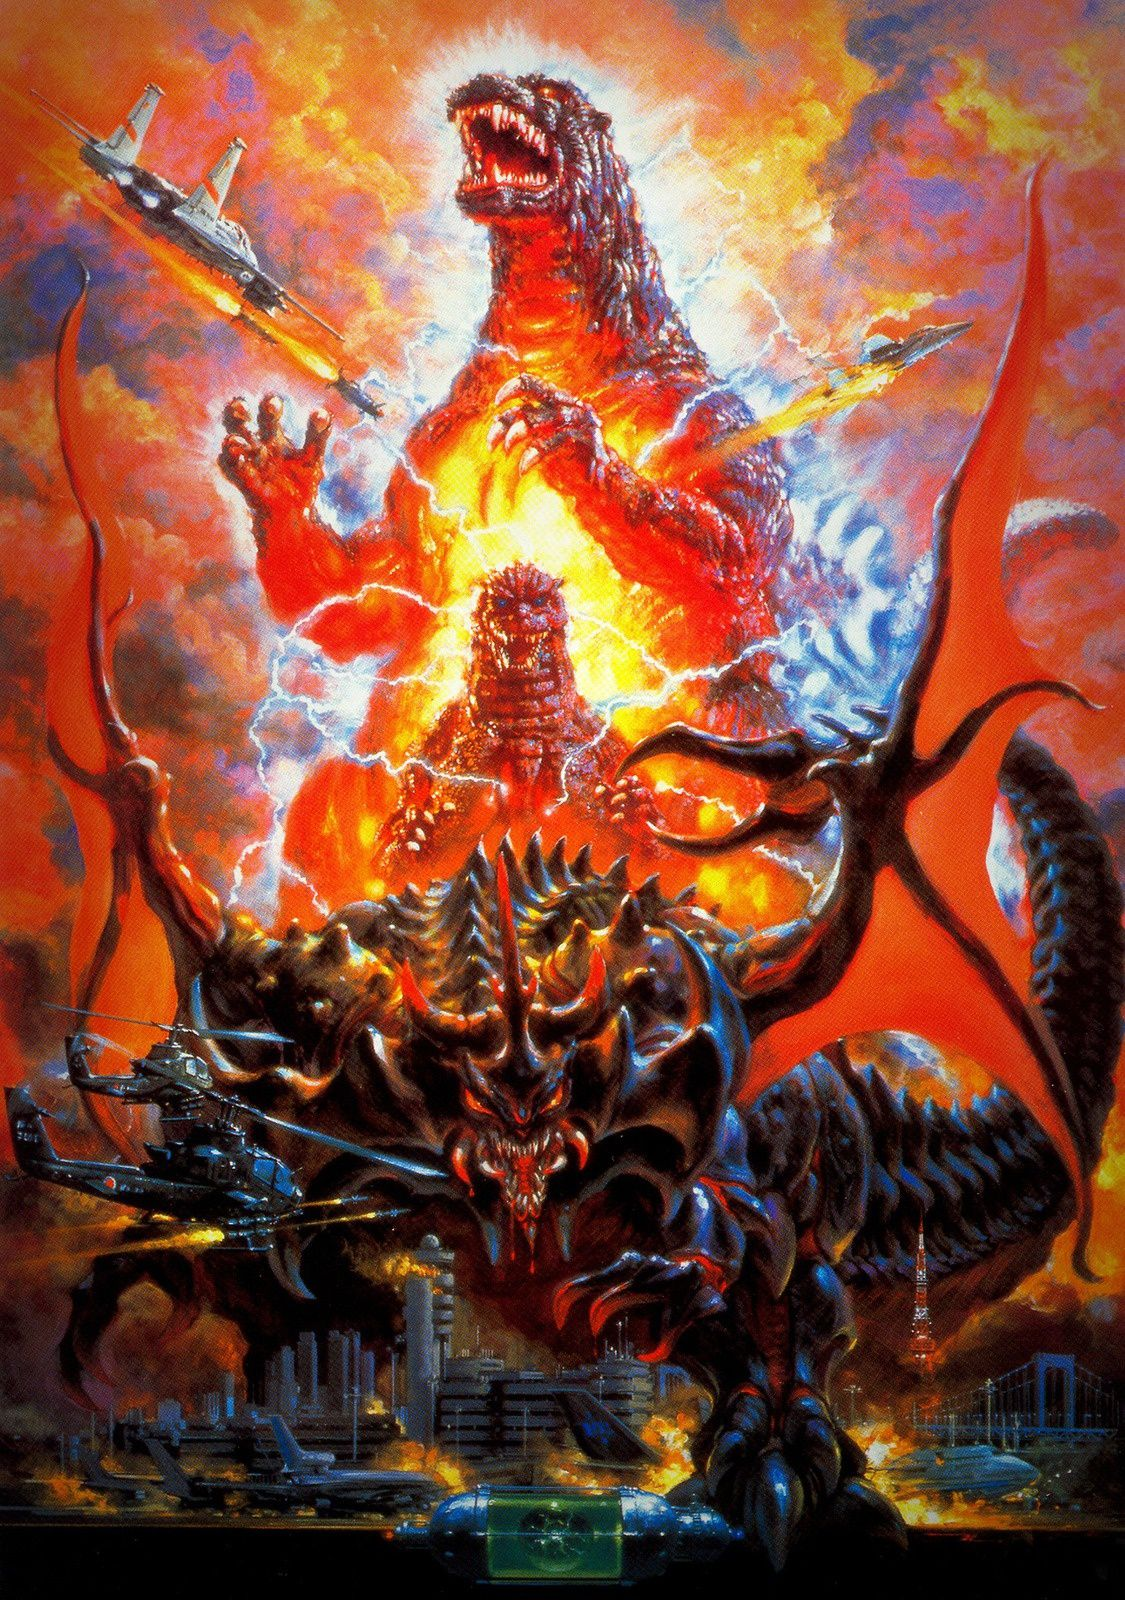 Noriyoshi Ohrai l'artiste et illustrateur dessinateur d'affiches épiques de cinéma comme celles de Star Wars ou Godzilla est mort. L'homme a aussi travailler pour illustrer des jeux vidéo.